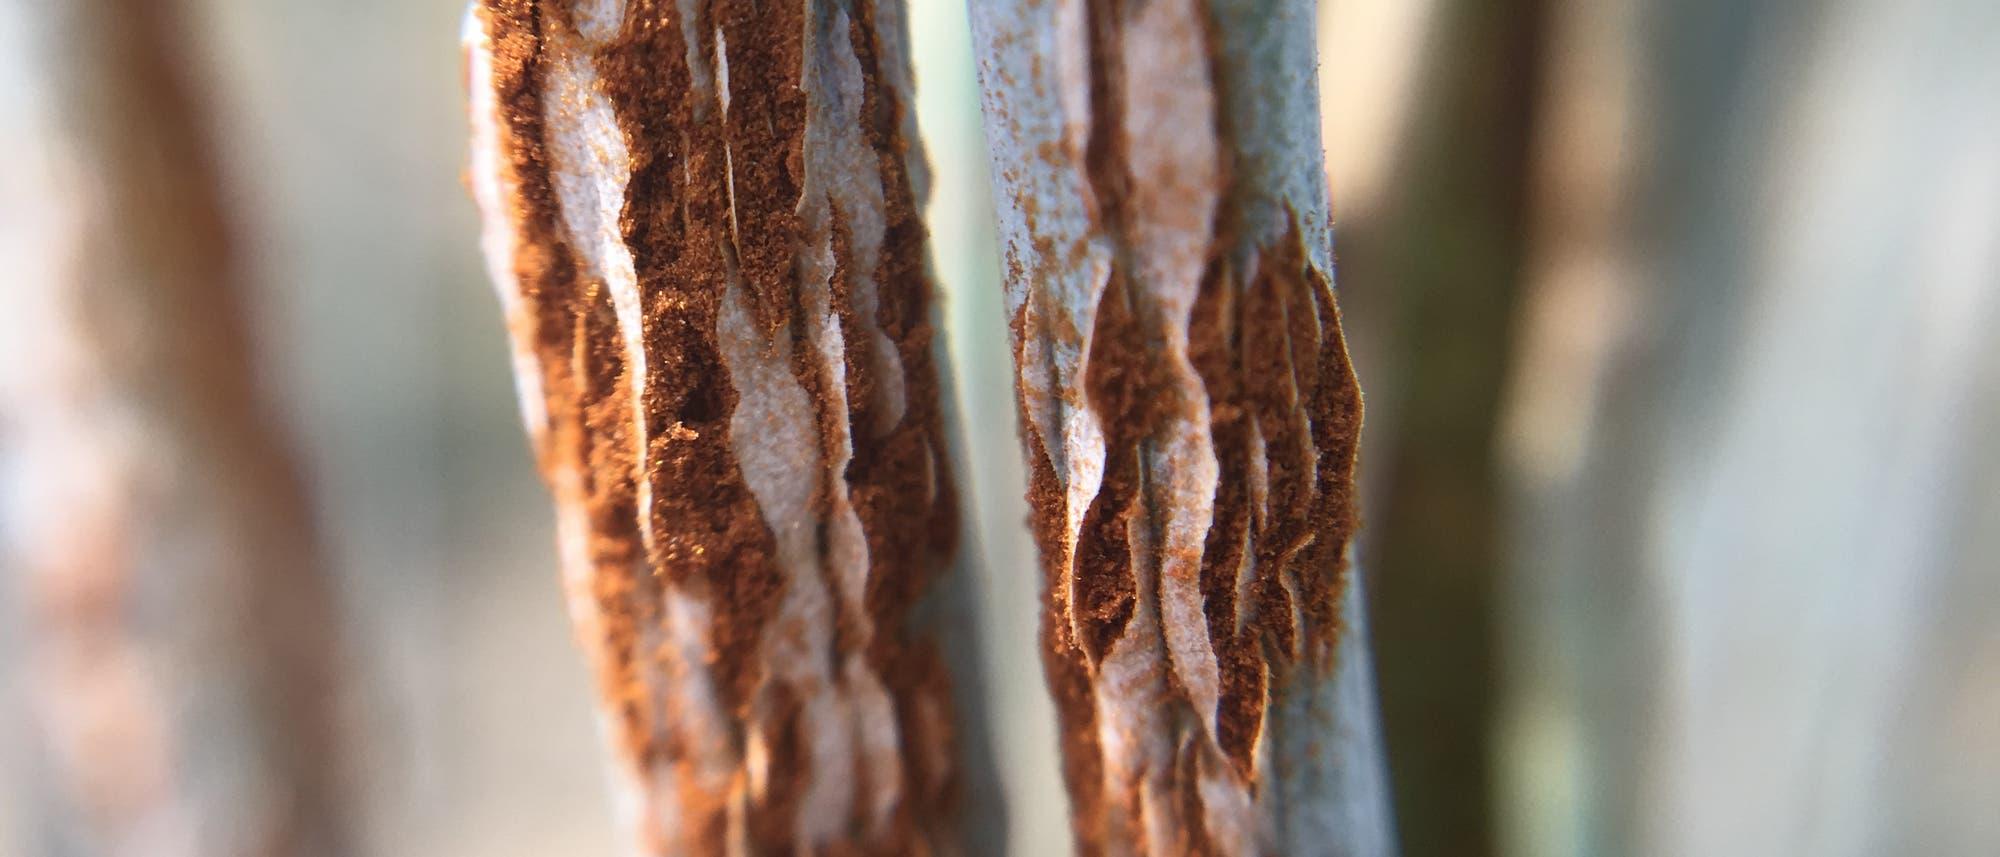 Diese Roggenpflanze ist von Schwarzrostpilzen befallen.